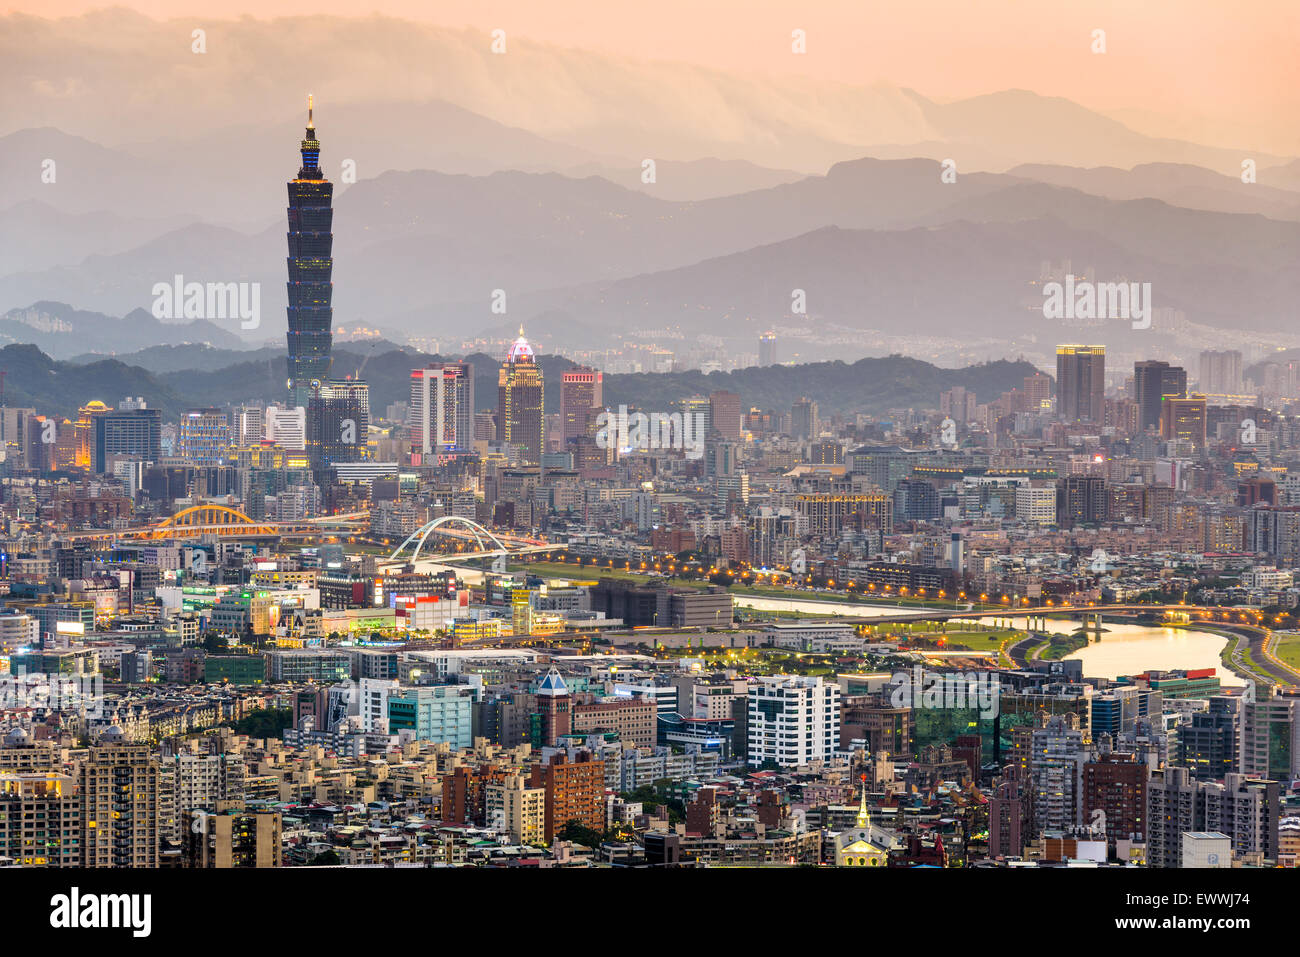 El horizonte de la ciudad de Taipei, Taiwan. Imagen De Stock